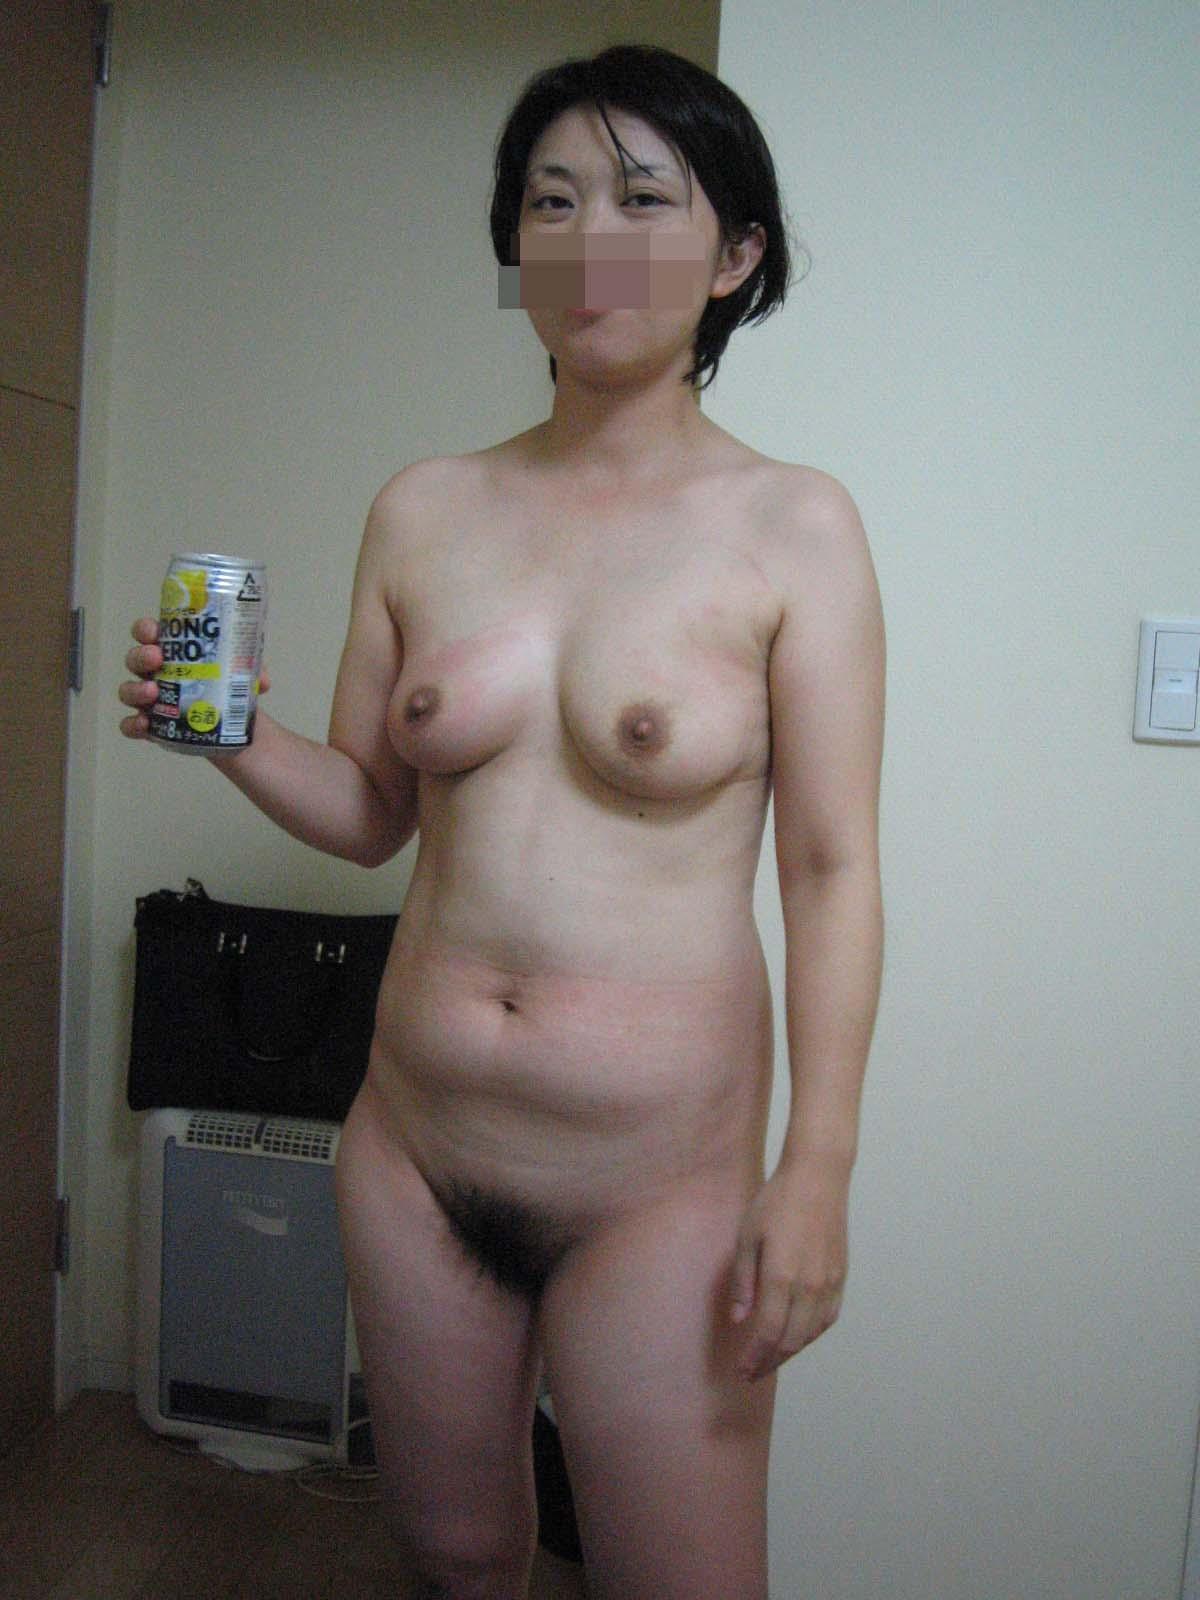 熟女の熟れ過ぎてたるんだ体に興奮するエロ画像 8119